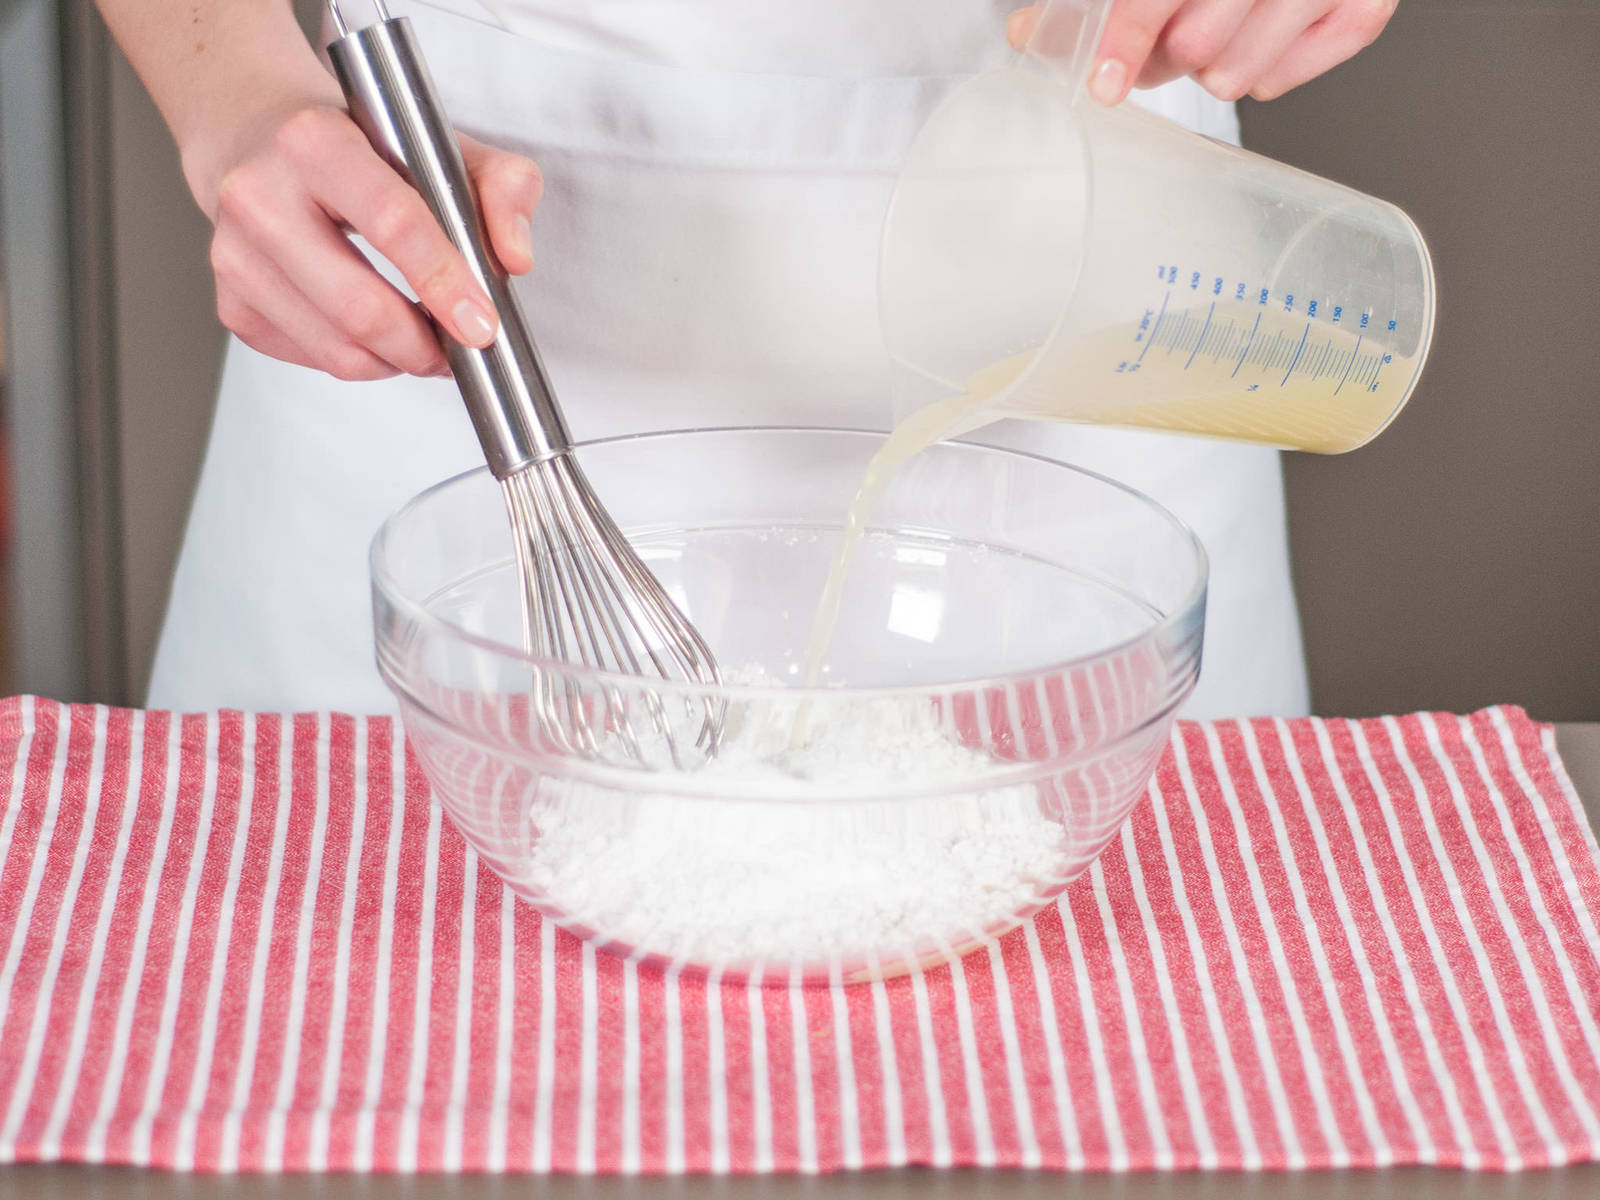 同时,将糖粉和剩余酸橙汁搅拌均匀,制成糖霜。